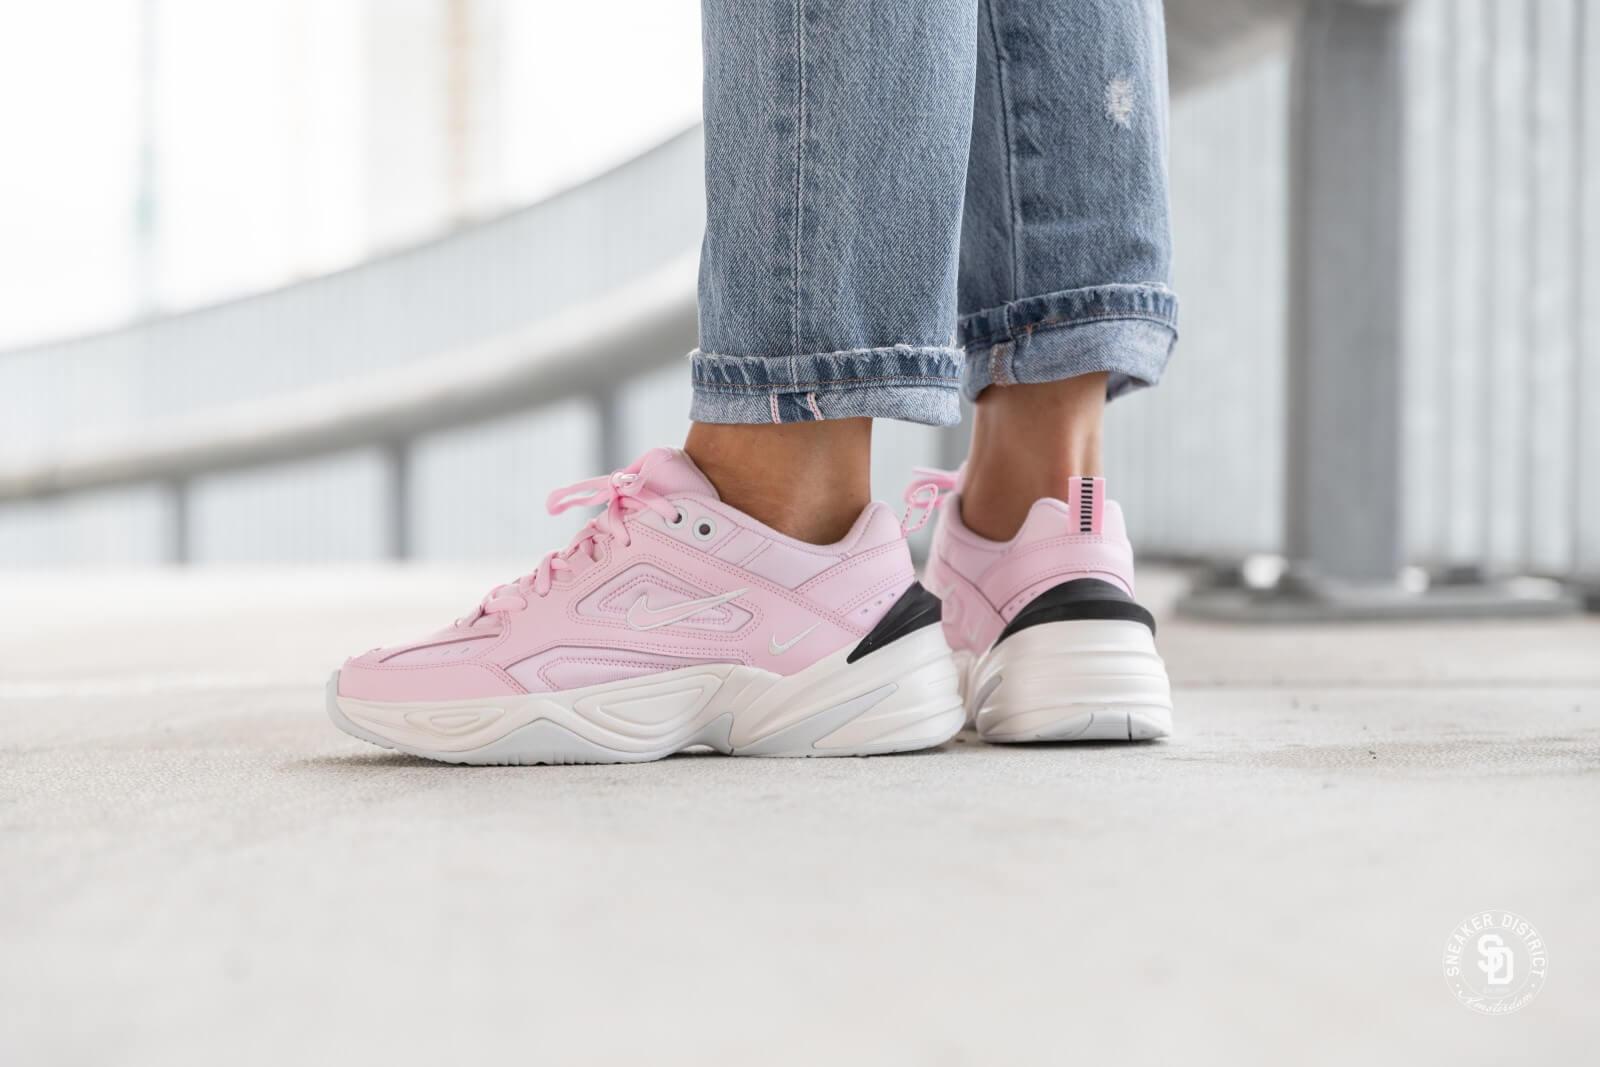 Nike Women's M2K Tekno Pink Foam/Black